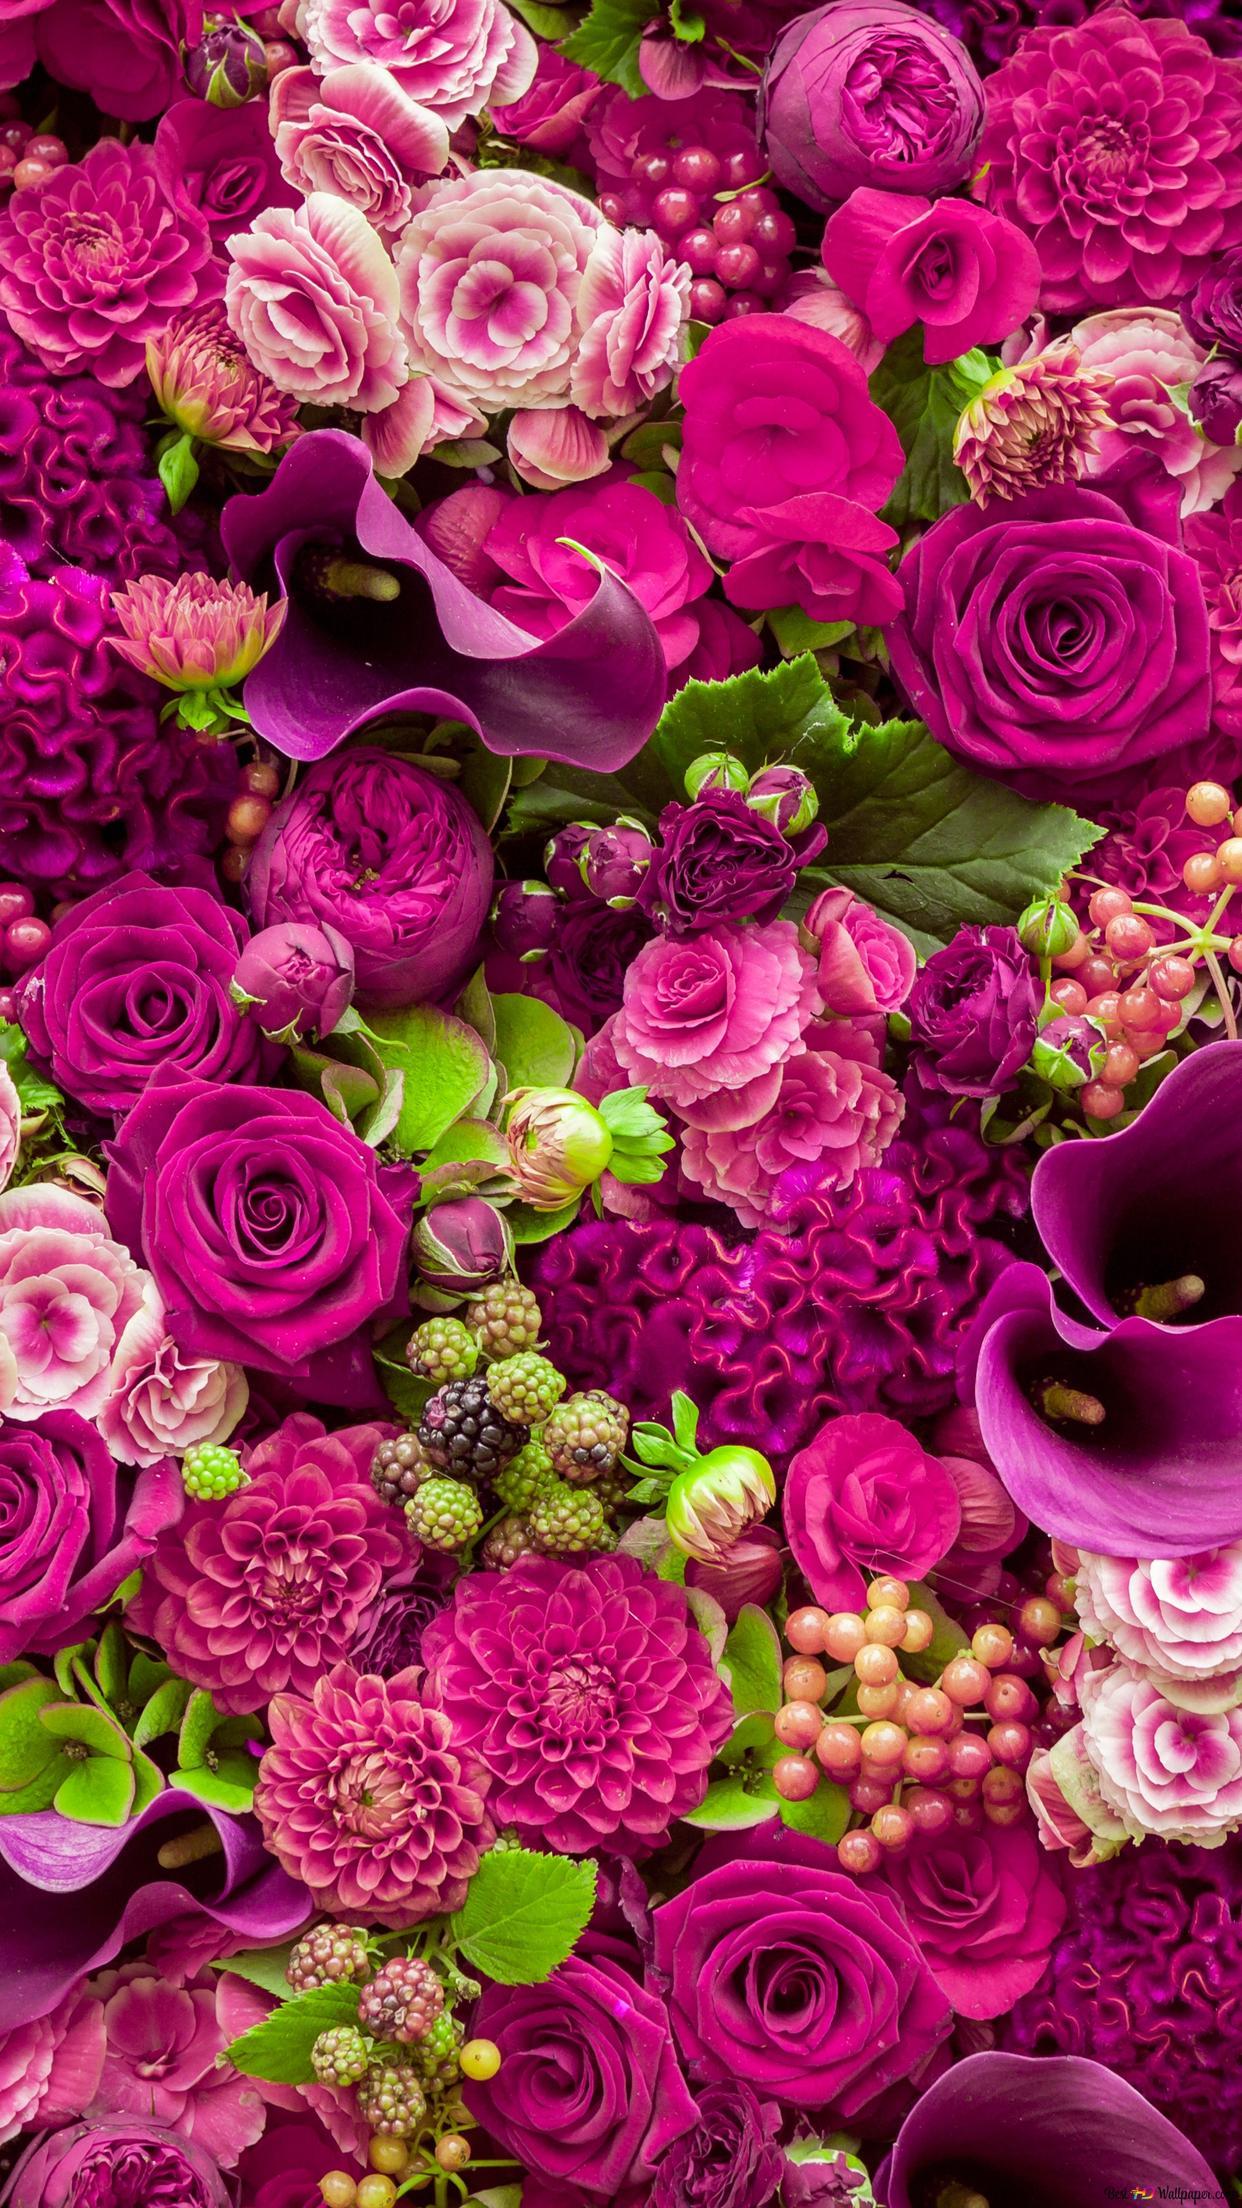 美しいピンクの花の束 Hd壁紙のダウンロード